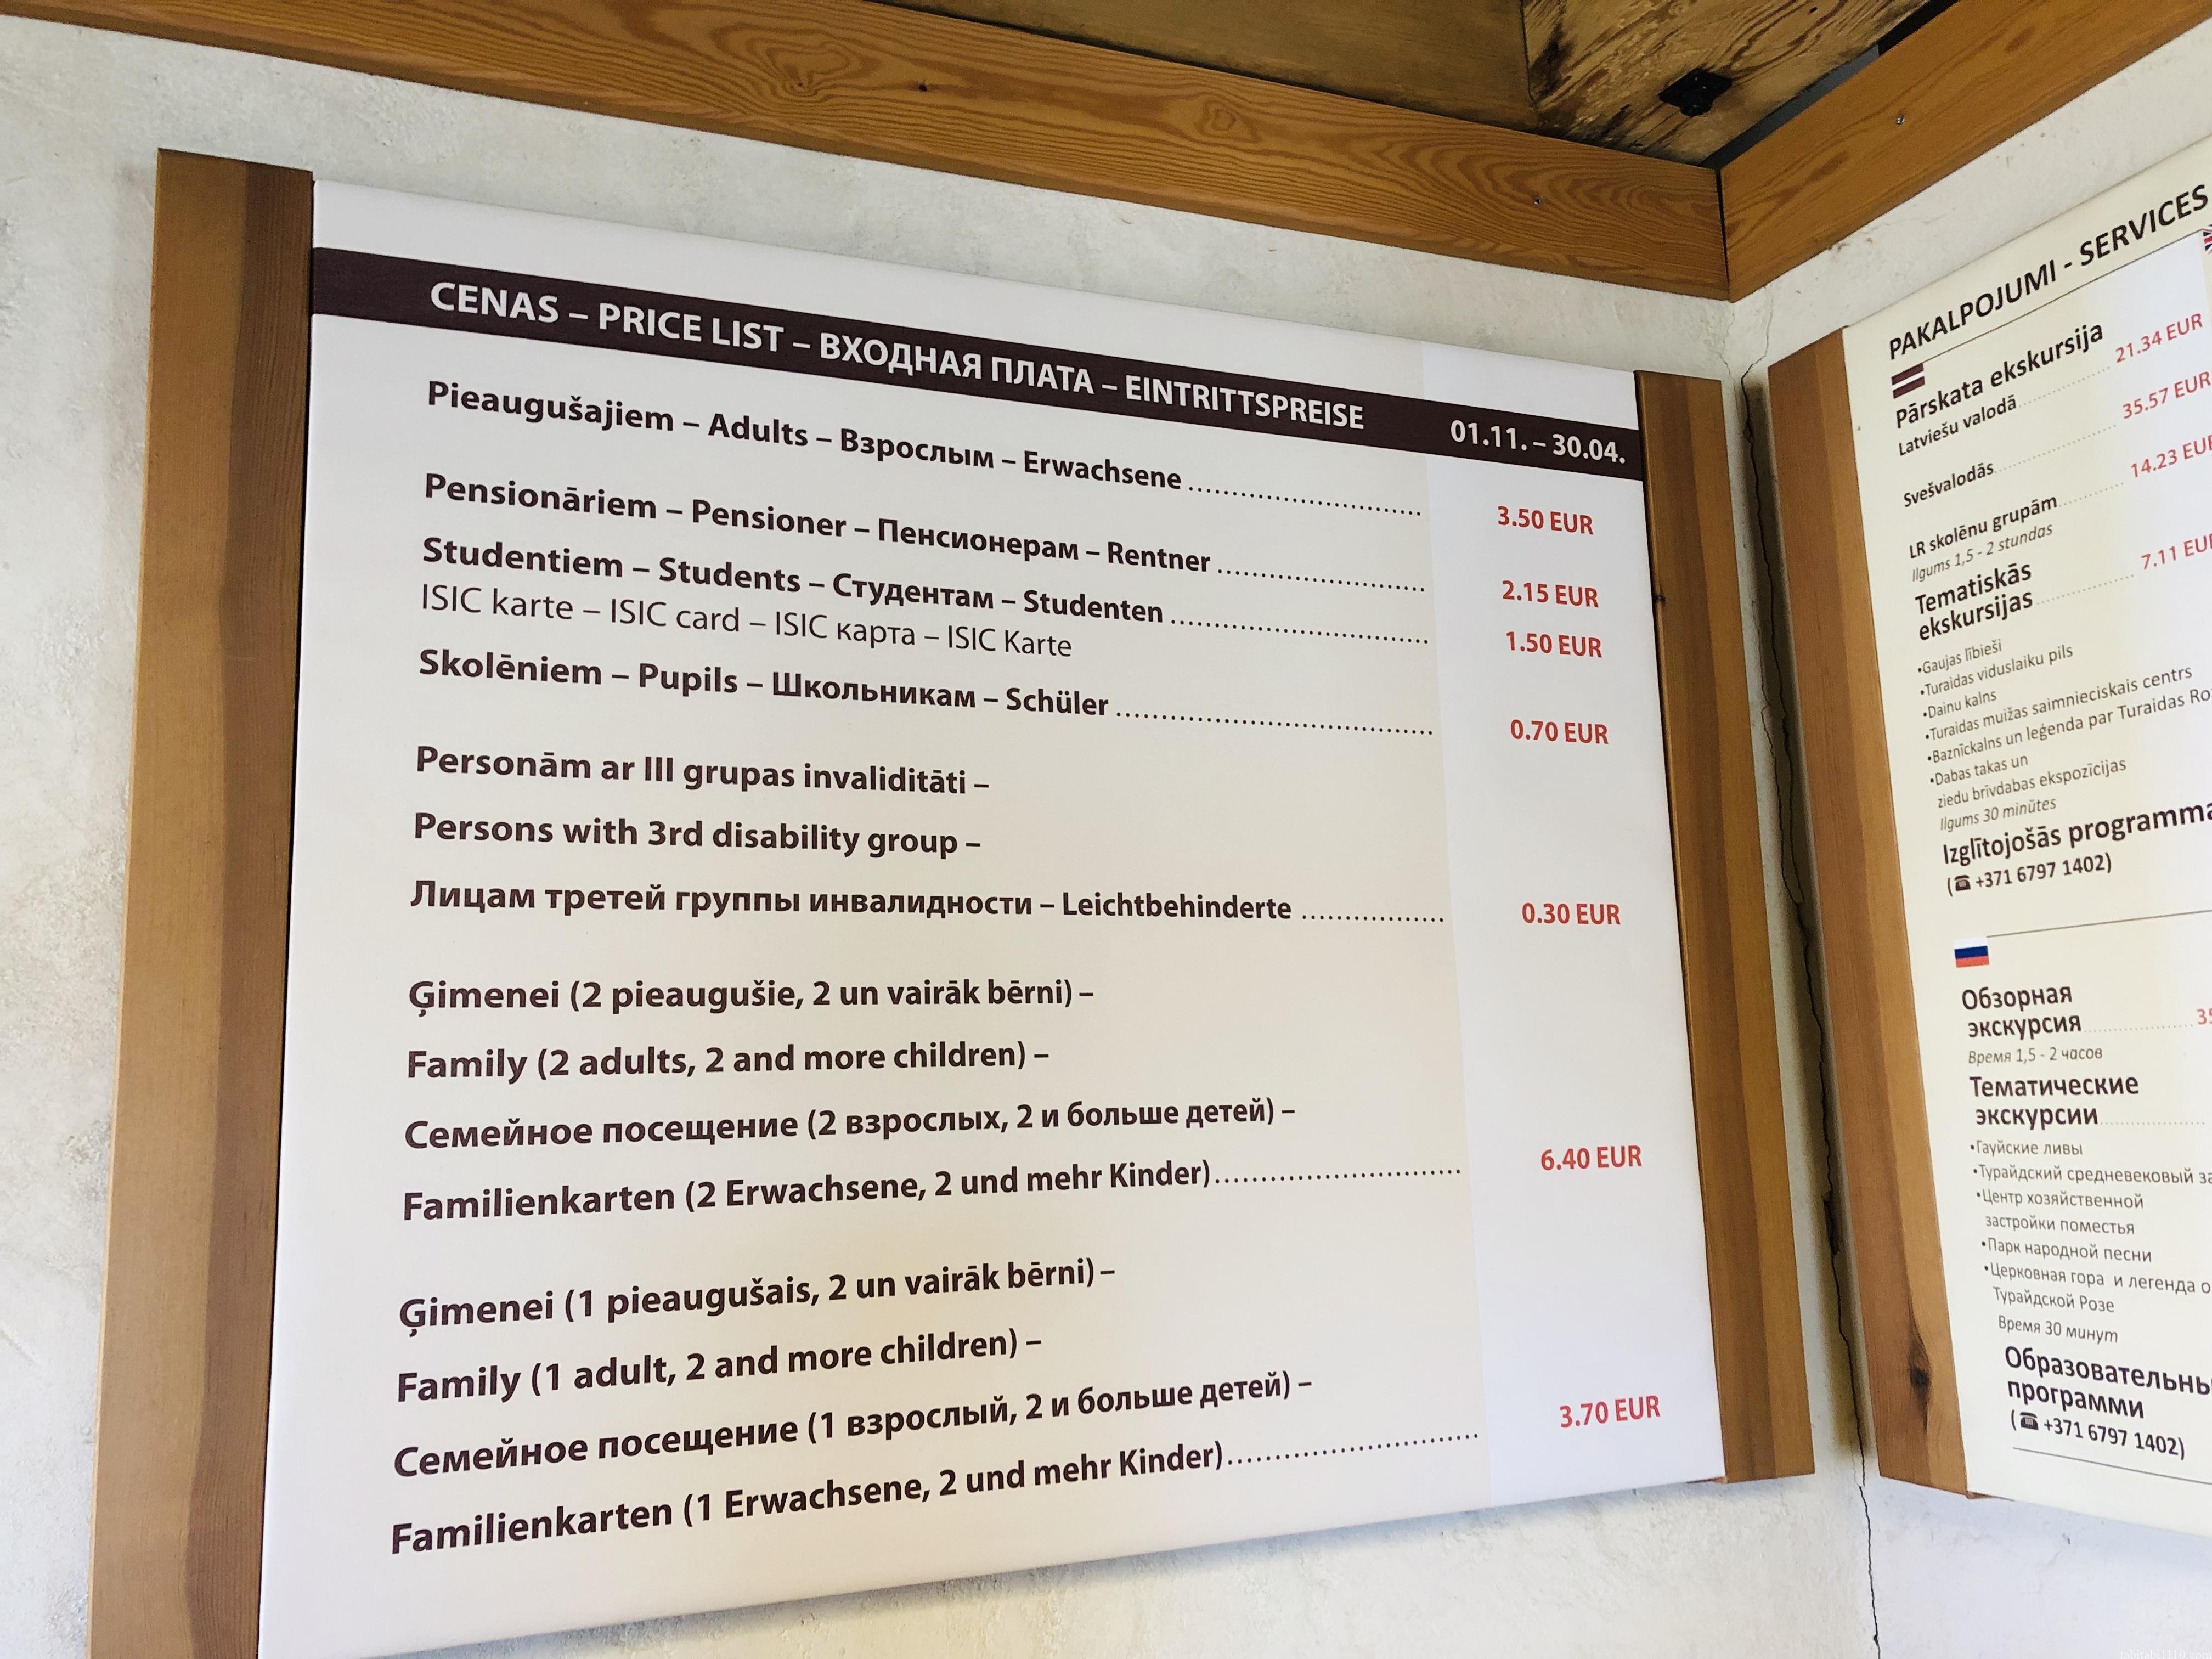 トゥライダ城チケット値段表